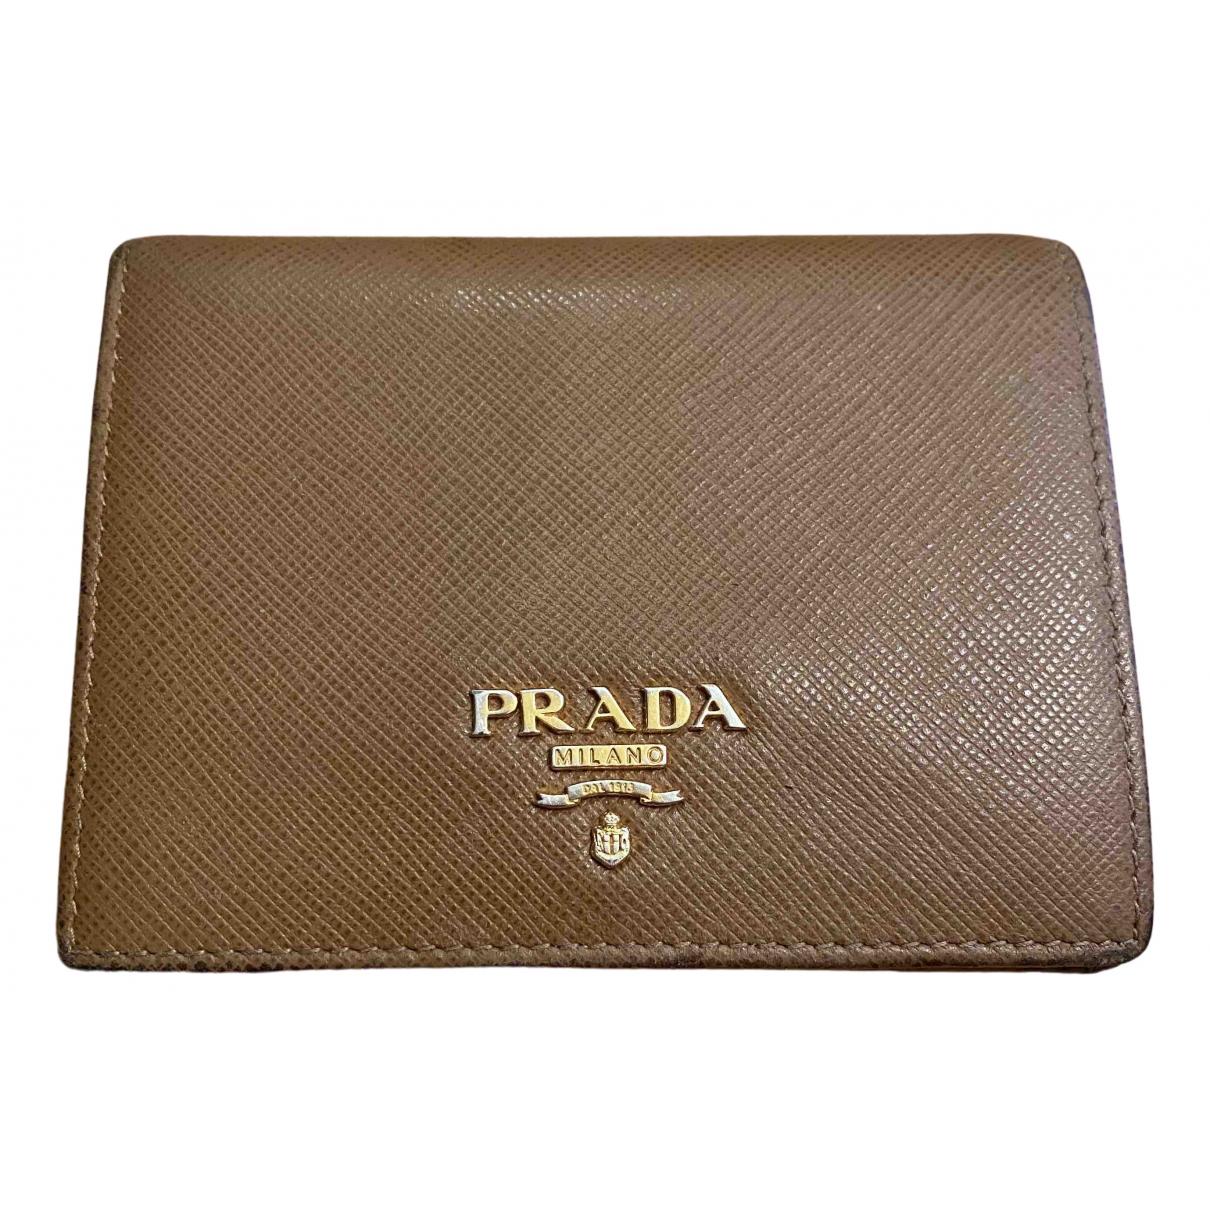 Prada - Portefeuille   pour femme en cuir - camel